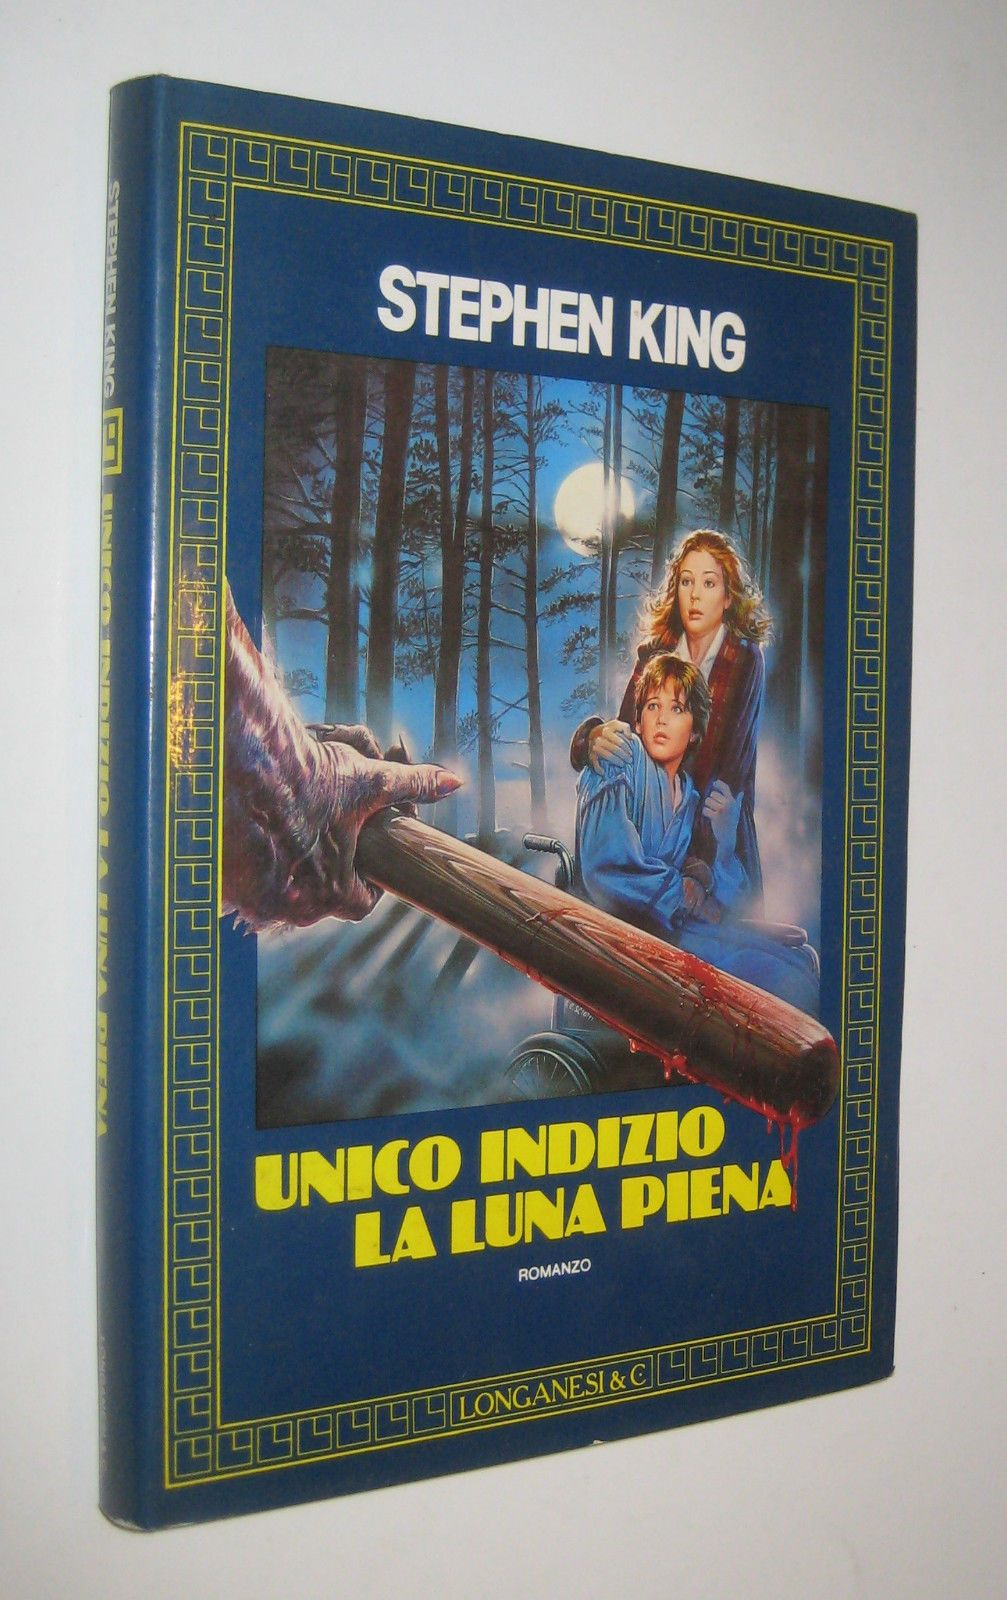 """…su eBay non si placa la sete per """"Unico indizio la luna piena"""" di Stephen King"""